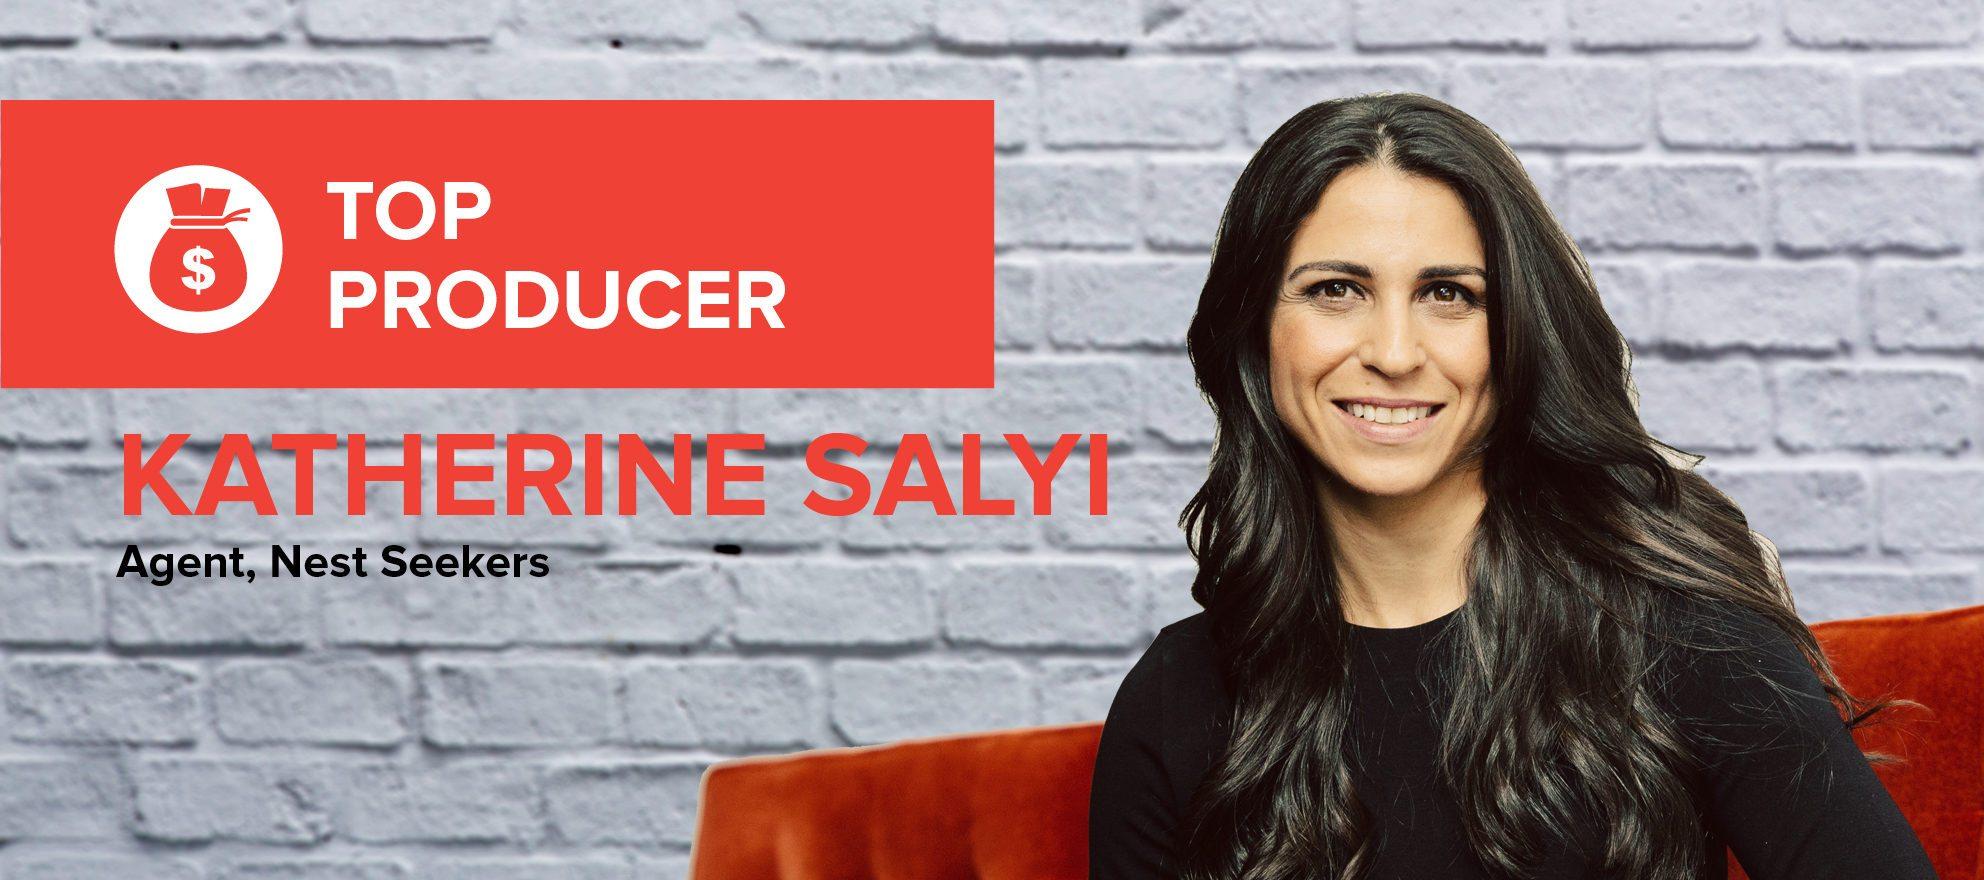 Katherine Salyi: 'I take ownership of everything I do'